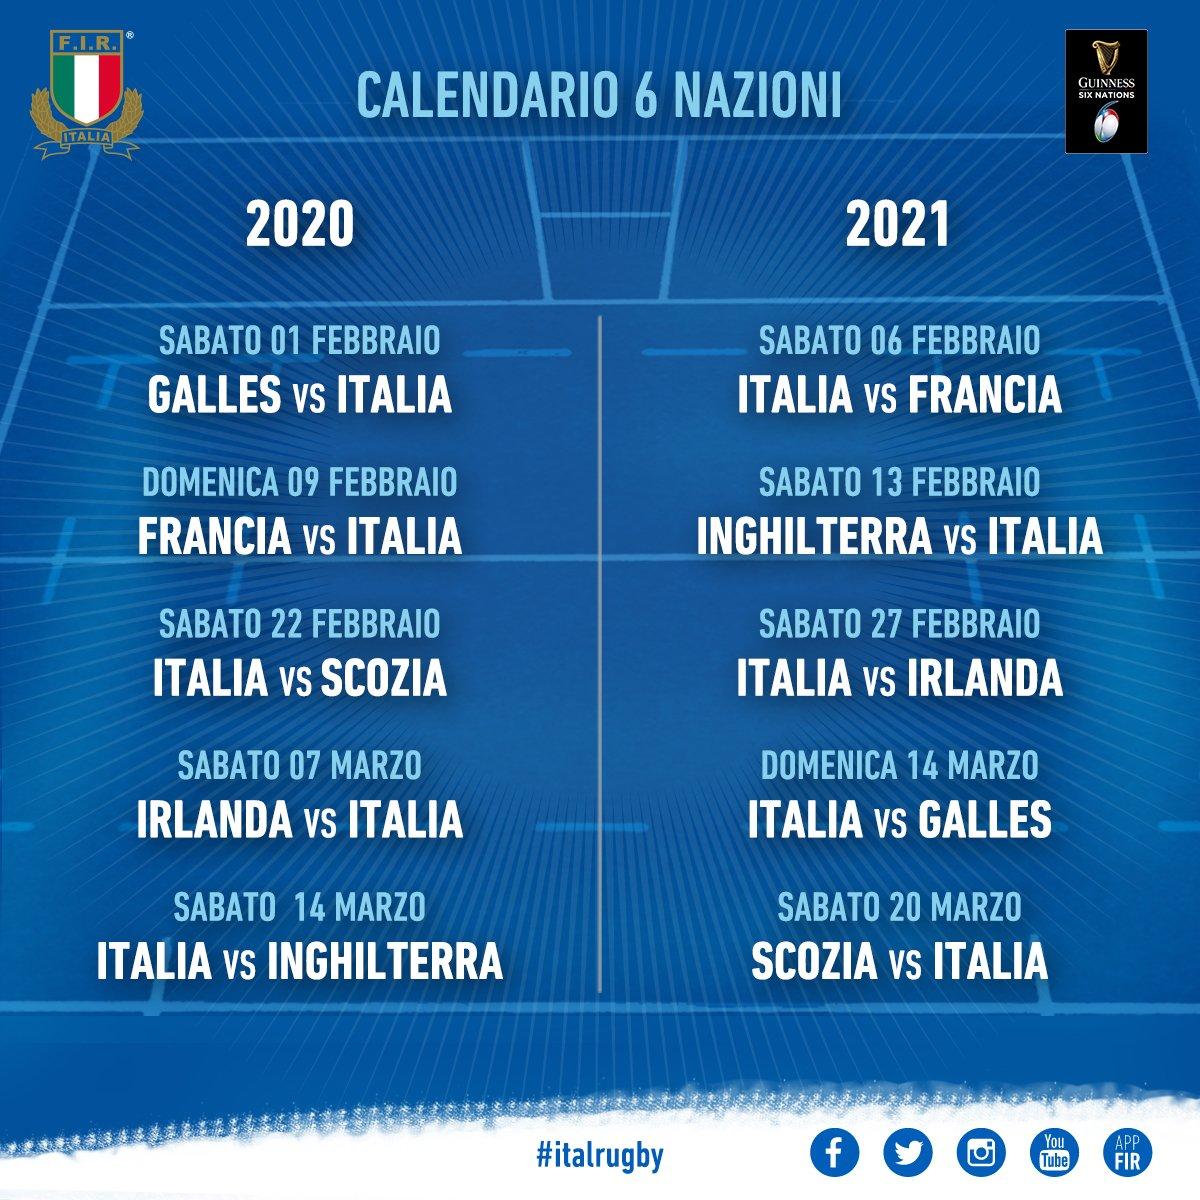 Sei Nazioni 2020 Calendario.Italrugby On Twitter Italrugby Ufficializzato Il